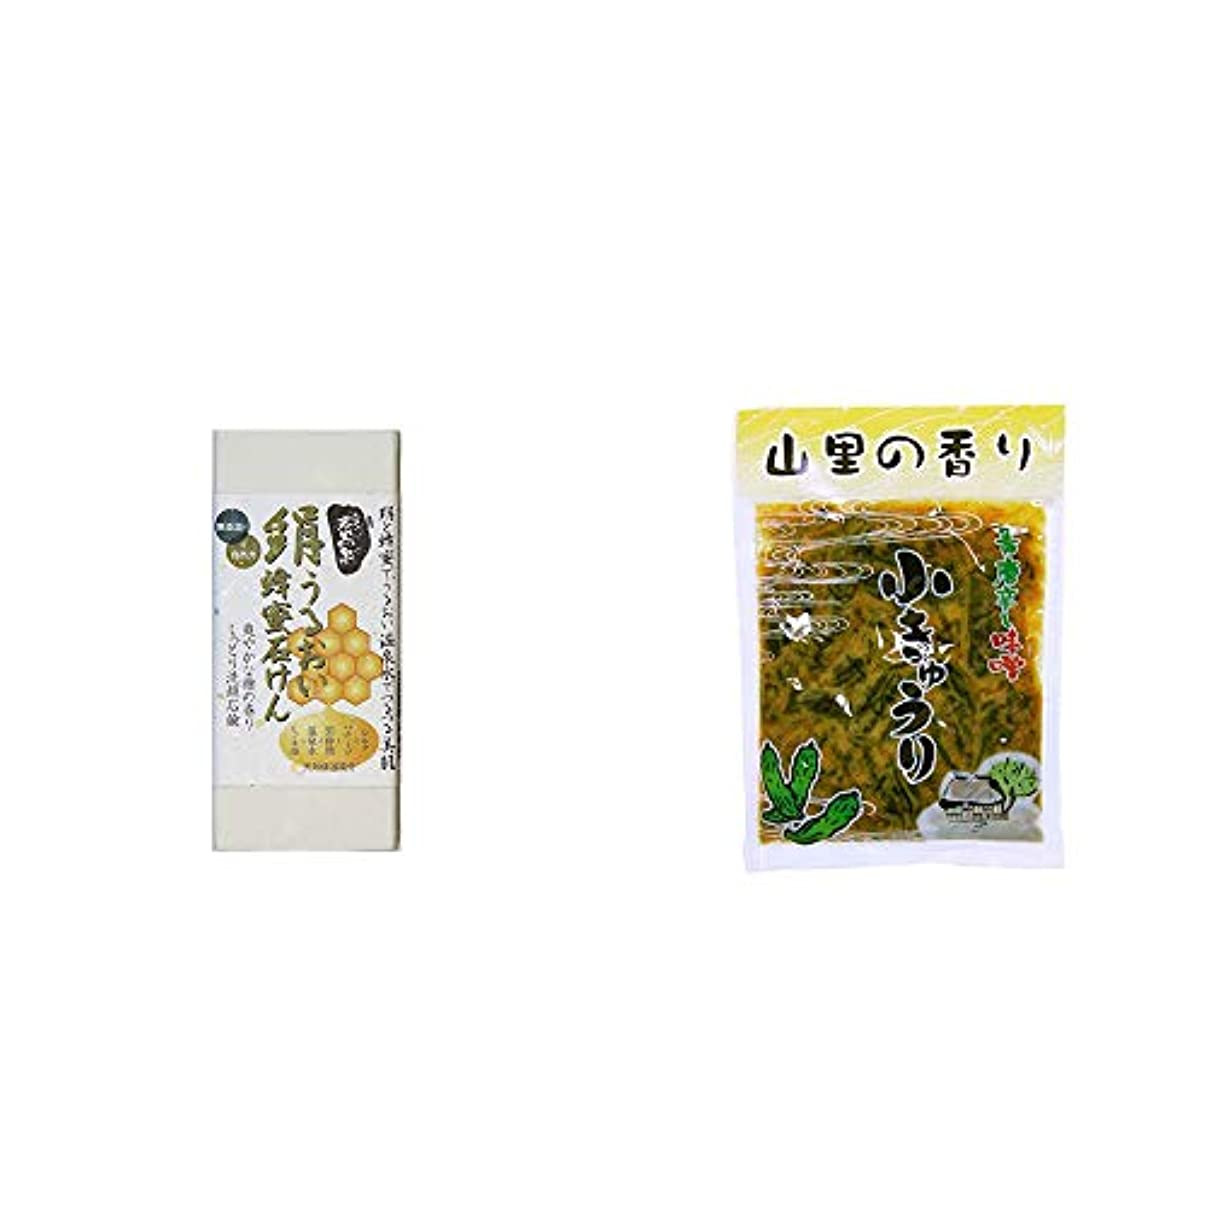 [2点セット] ひのき炭黒泉 絹うるおい蜂蜜石けん(75g×2)?山里の香り 青唐辛し味噌 小きゅうり(250g)